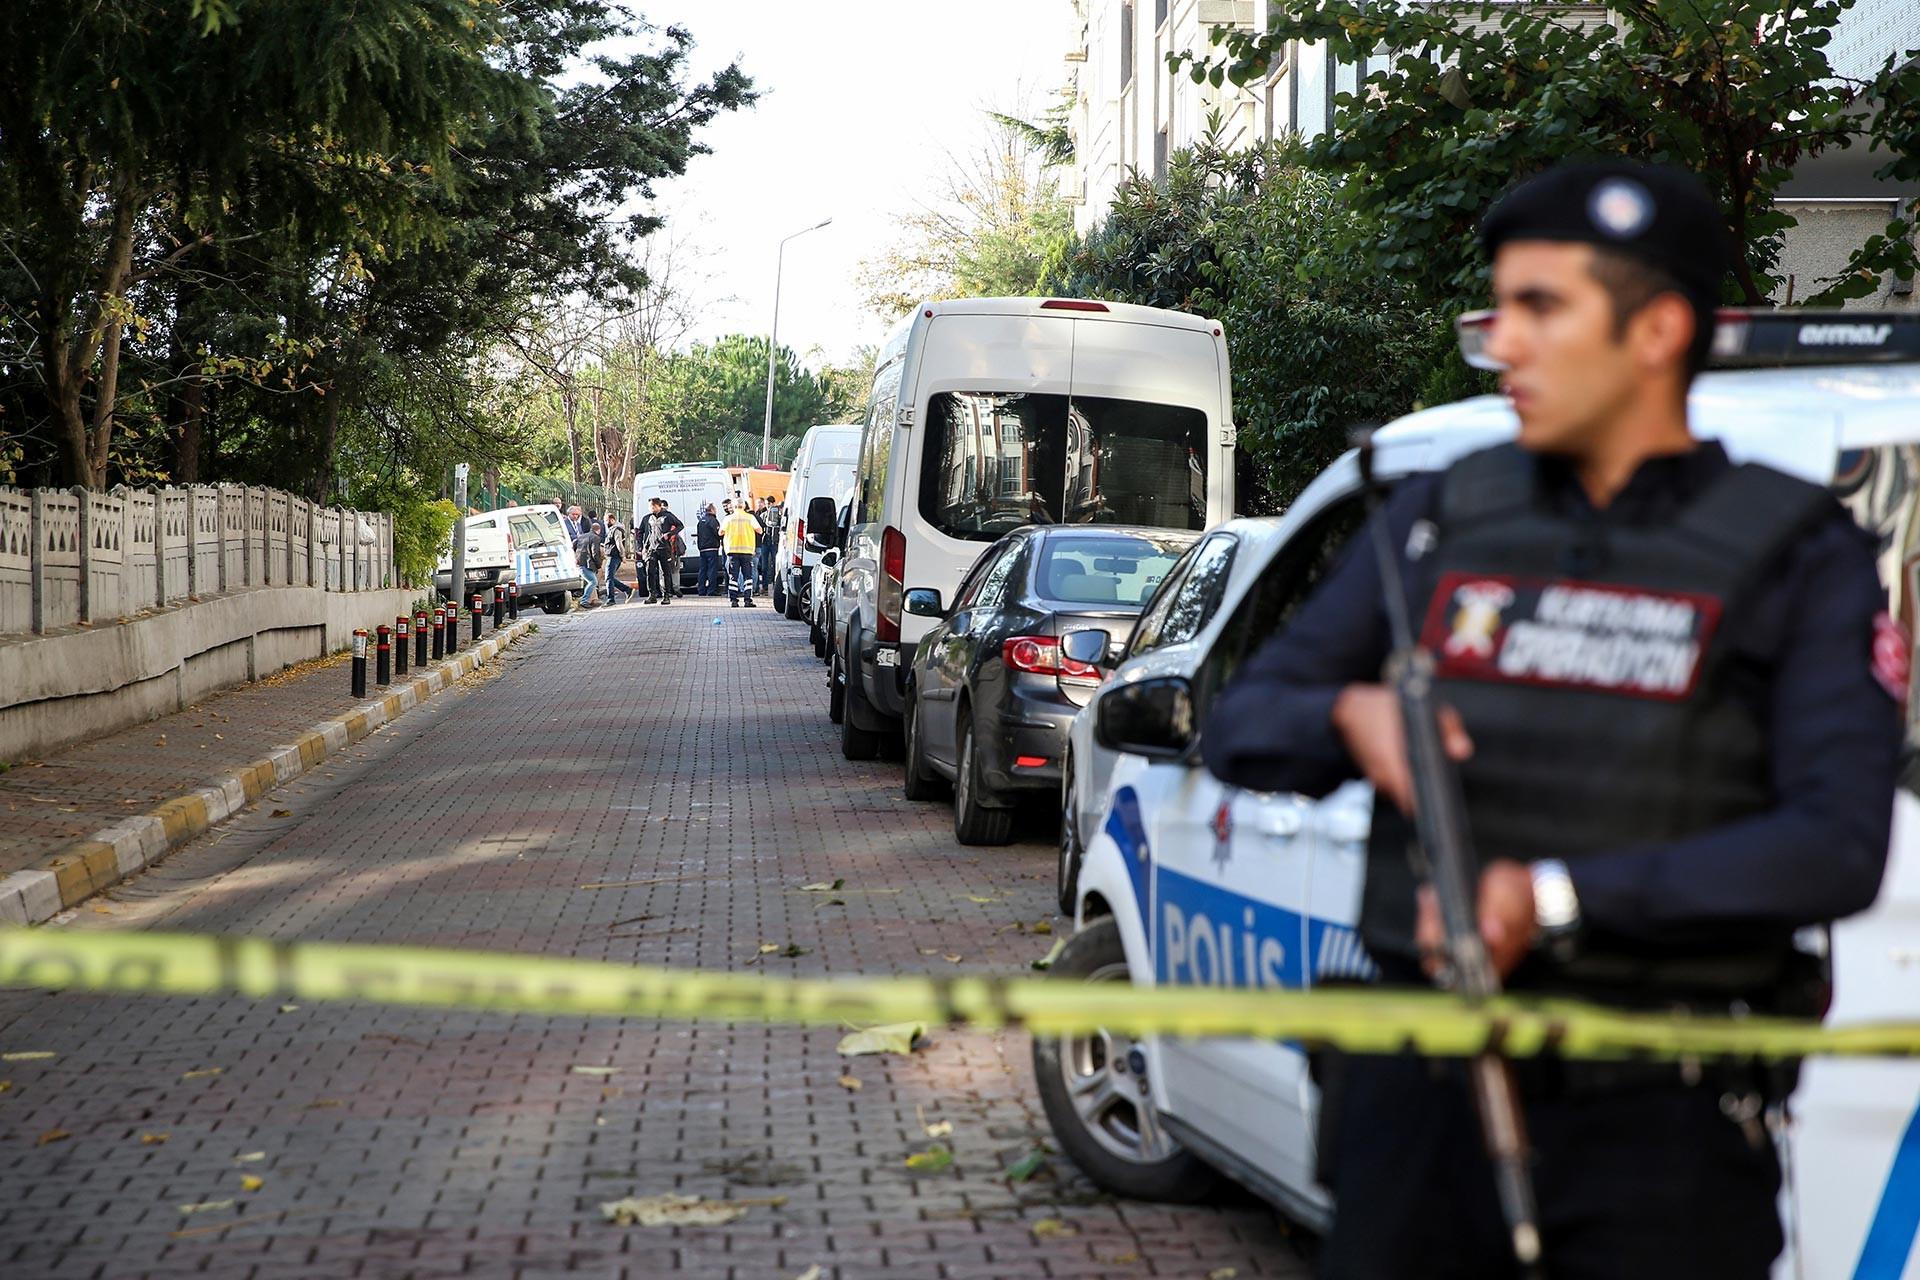 Bakırköy'de 3 kişinin ölü bulunduğu evin yer aldığı sokak